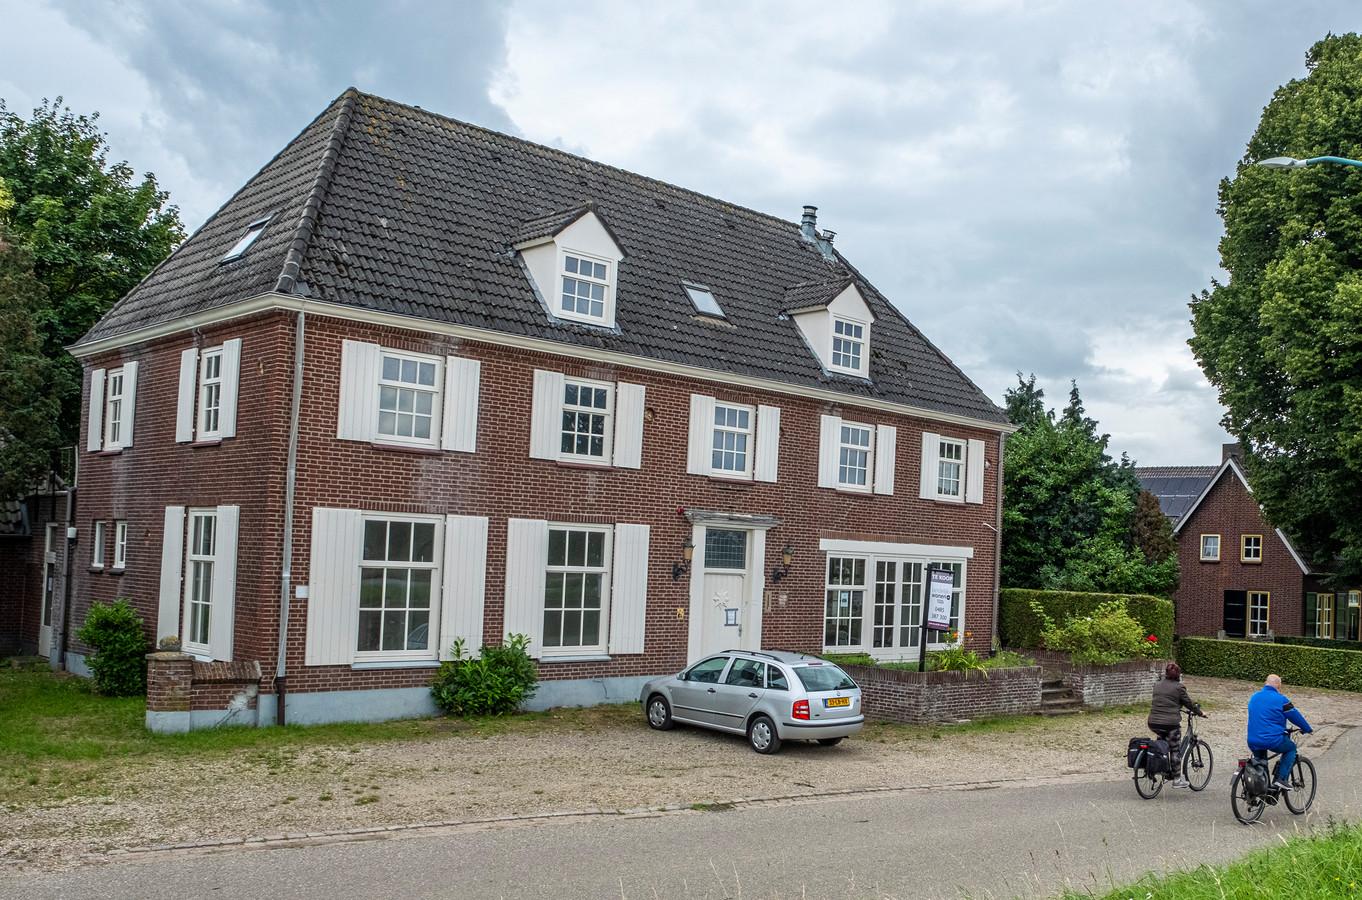 Het voormalige pand in Katwijk (NBR) aan de Everdineweerd waar arbeidsmigranten gehuisvest waren staat nu te koop.